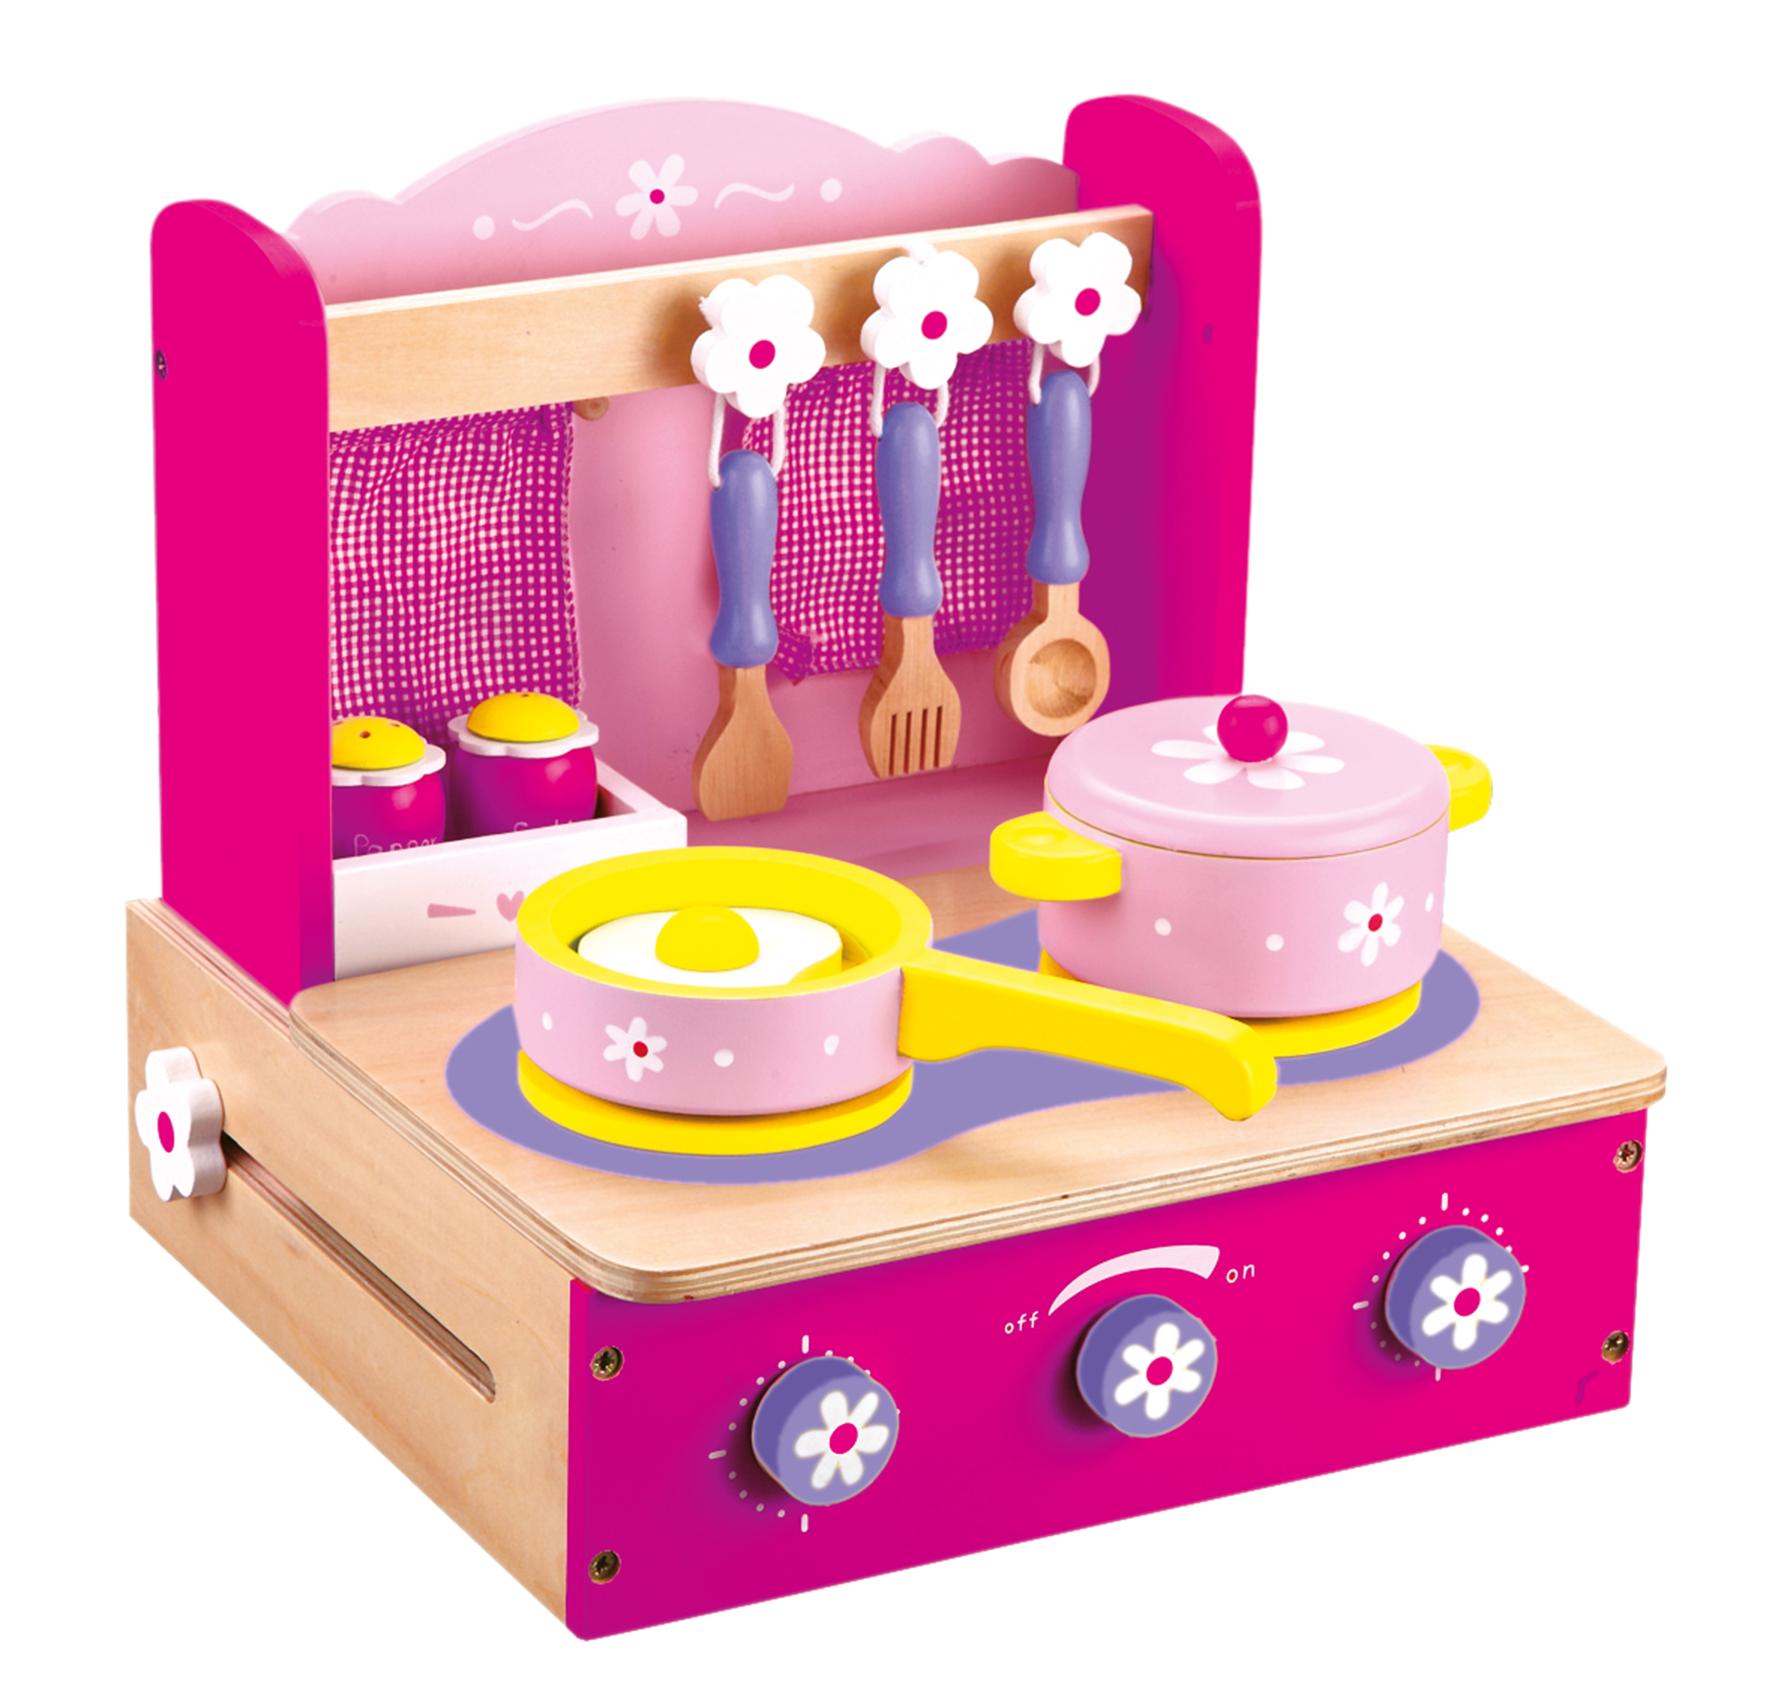 Dětský vařič s příslušenstvím, 10 dílů